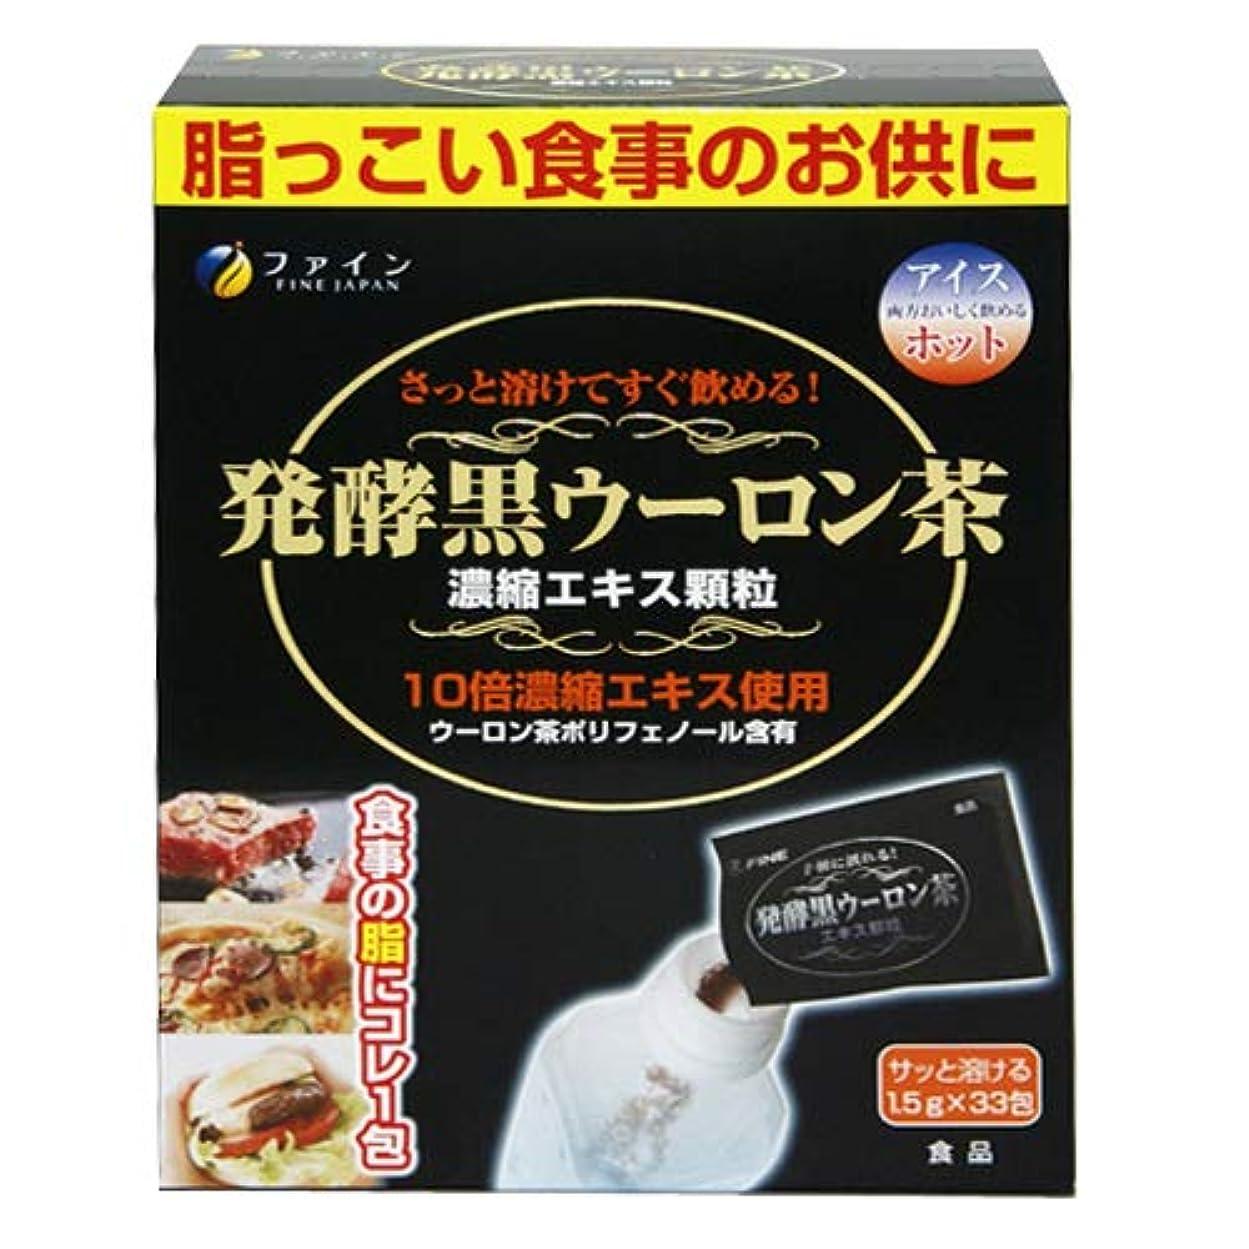 コンパクトかんがい期待して発酵黒ウーロン茶 濃縮エキス顆粒 【2箱組】